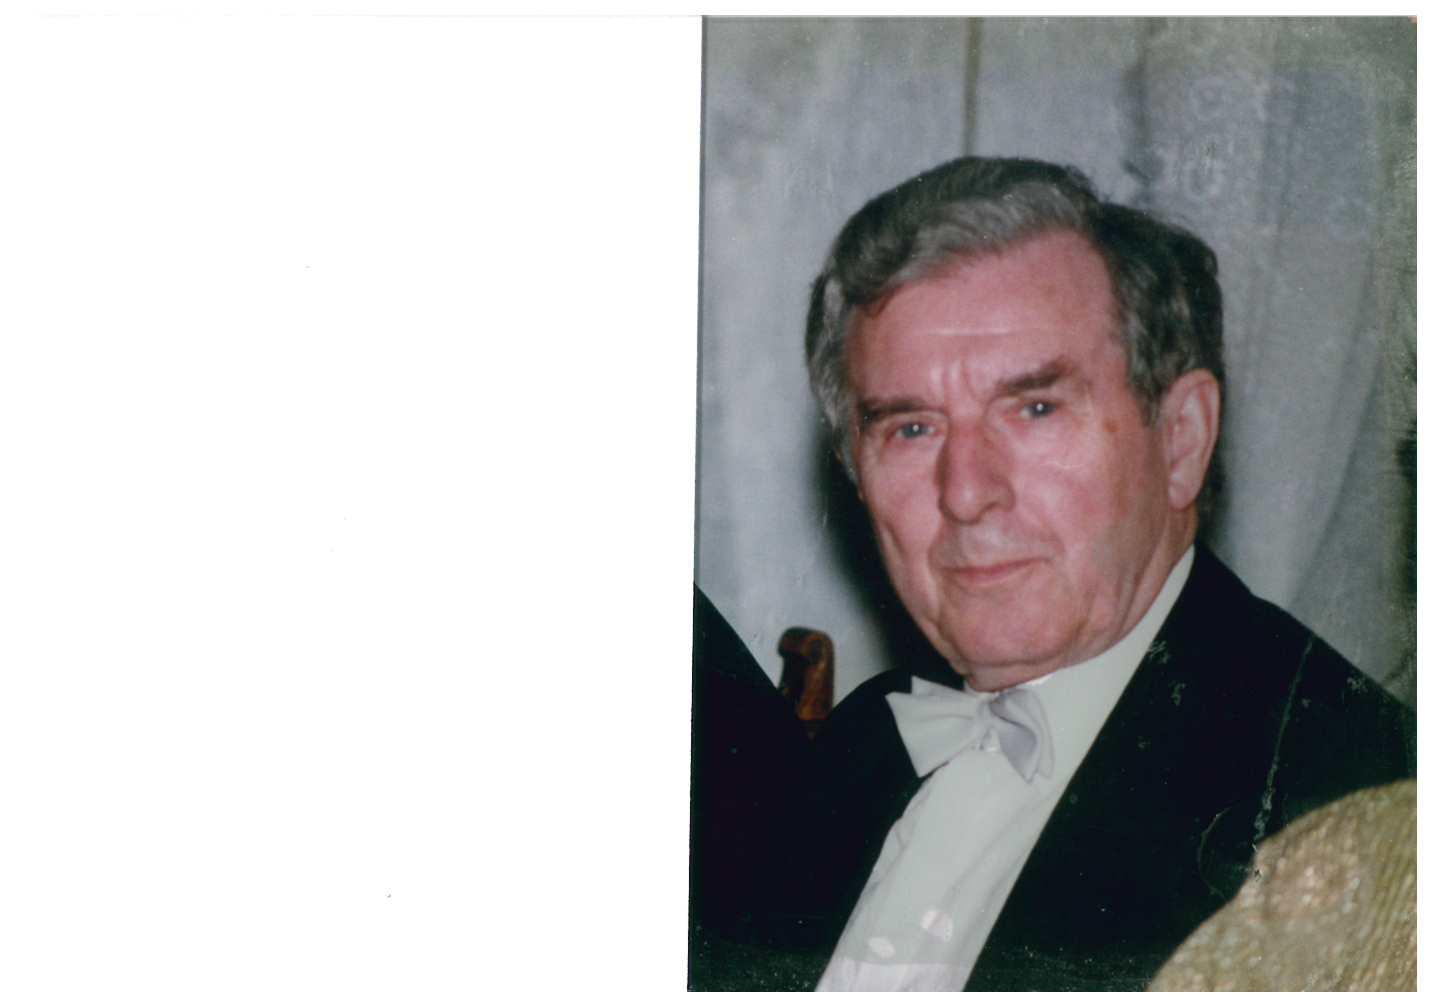 Der Vermisste Gerhard Mundt(Foto: OTS)